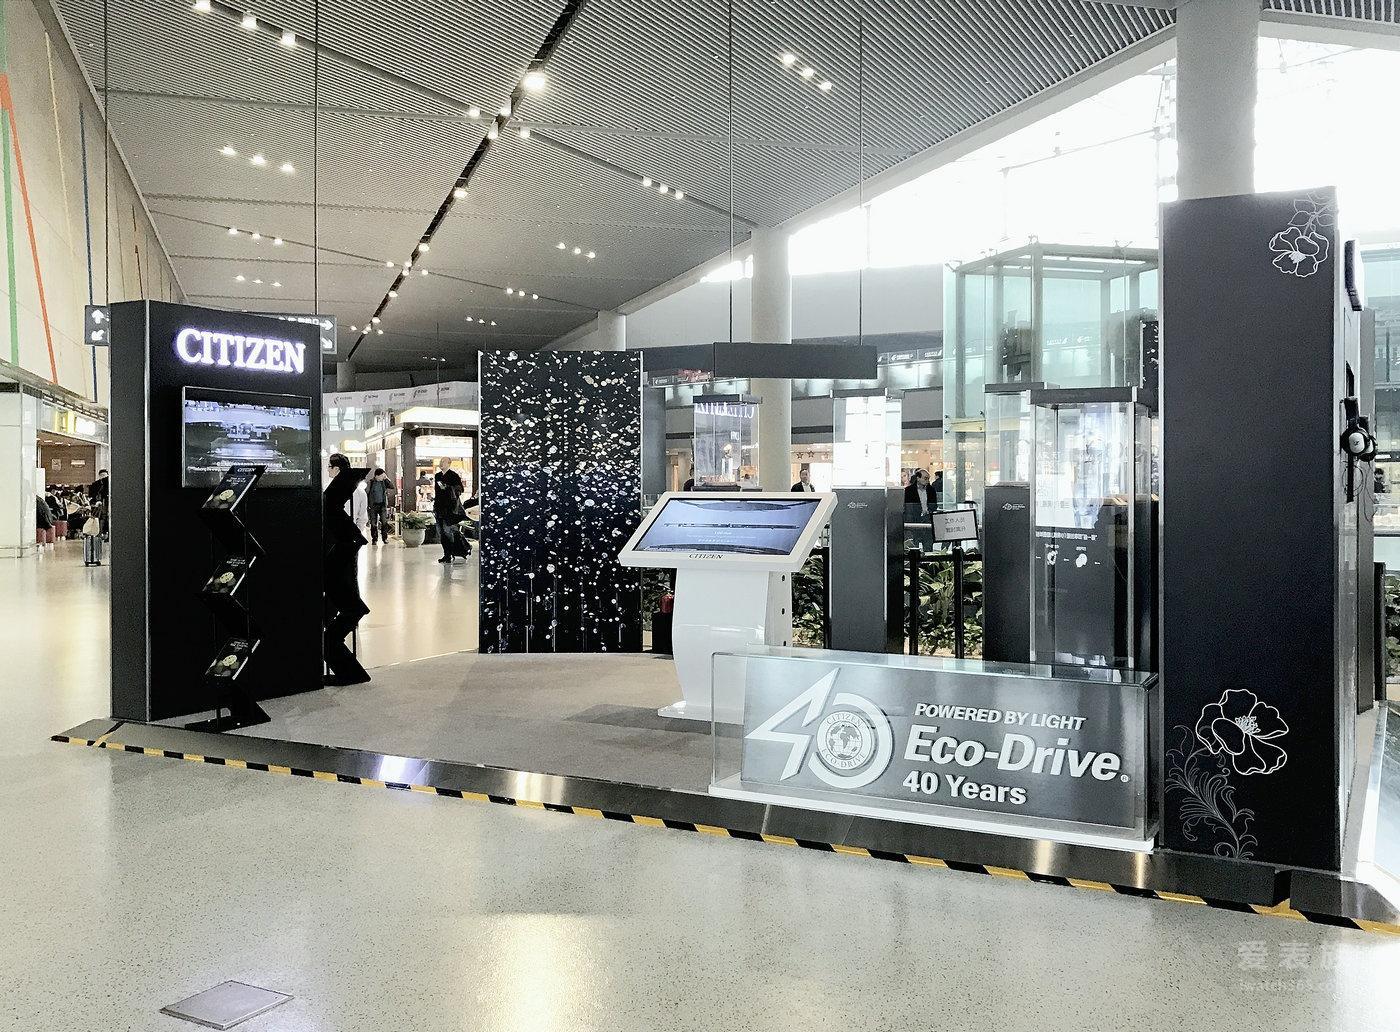 西铁城光动能40周年全球巡展亮相上海虹桥机场